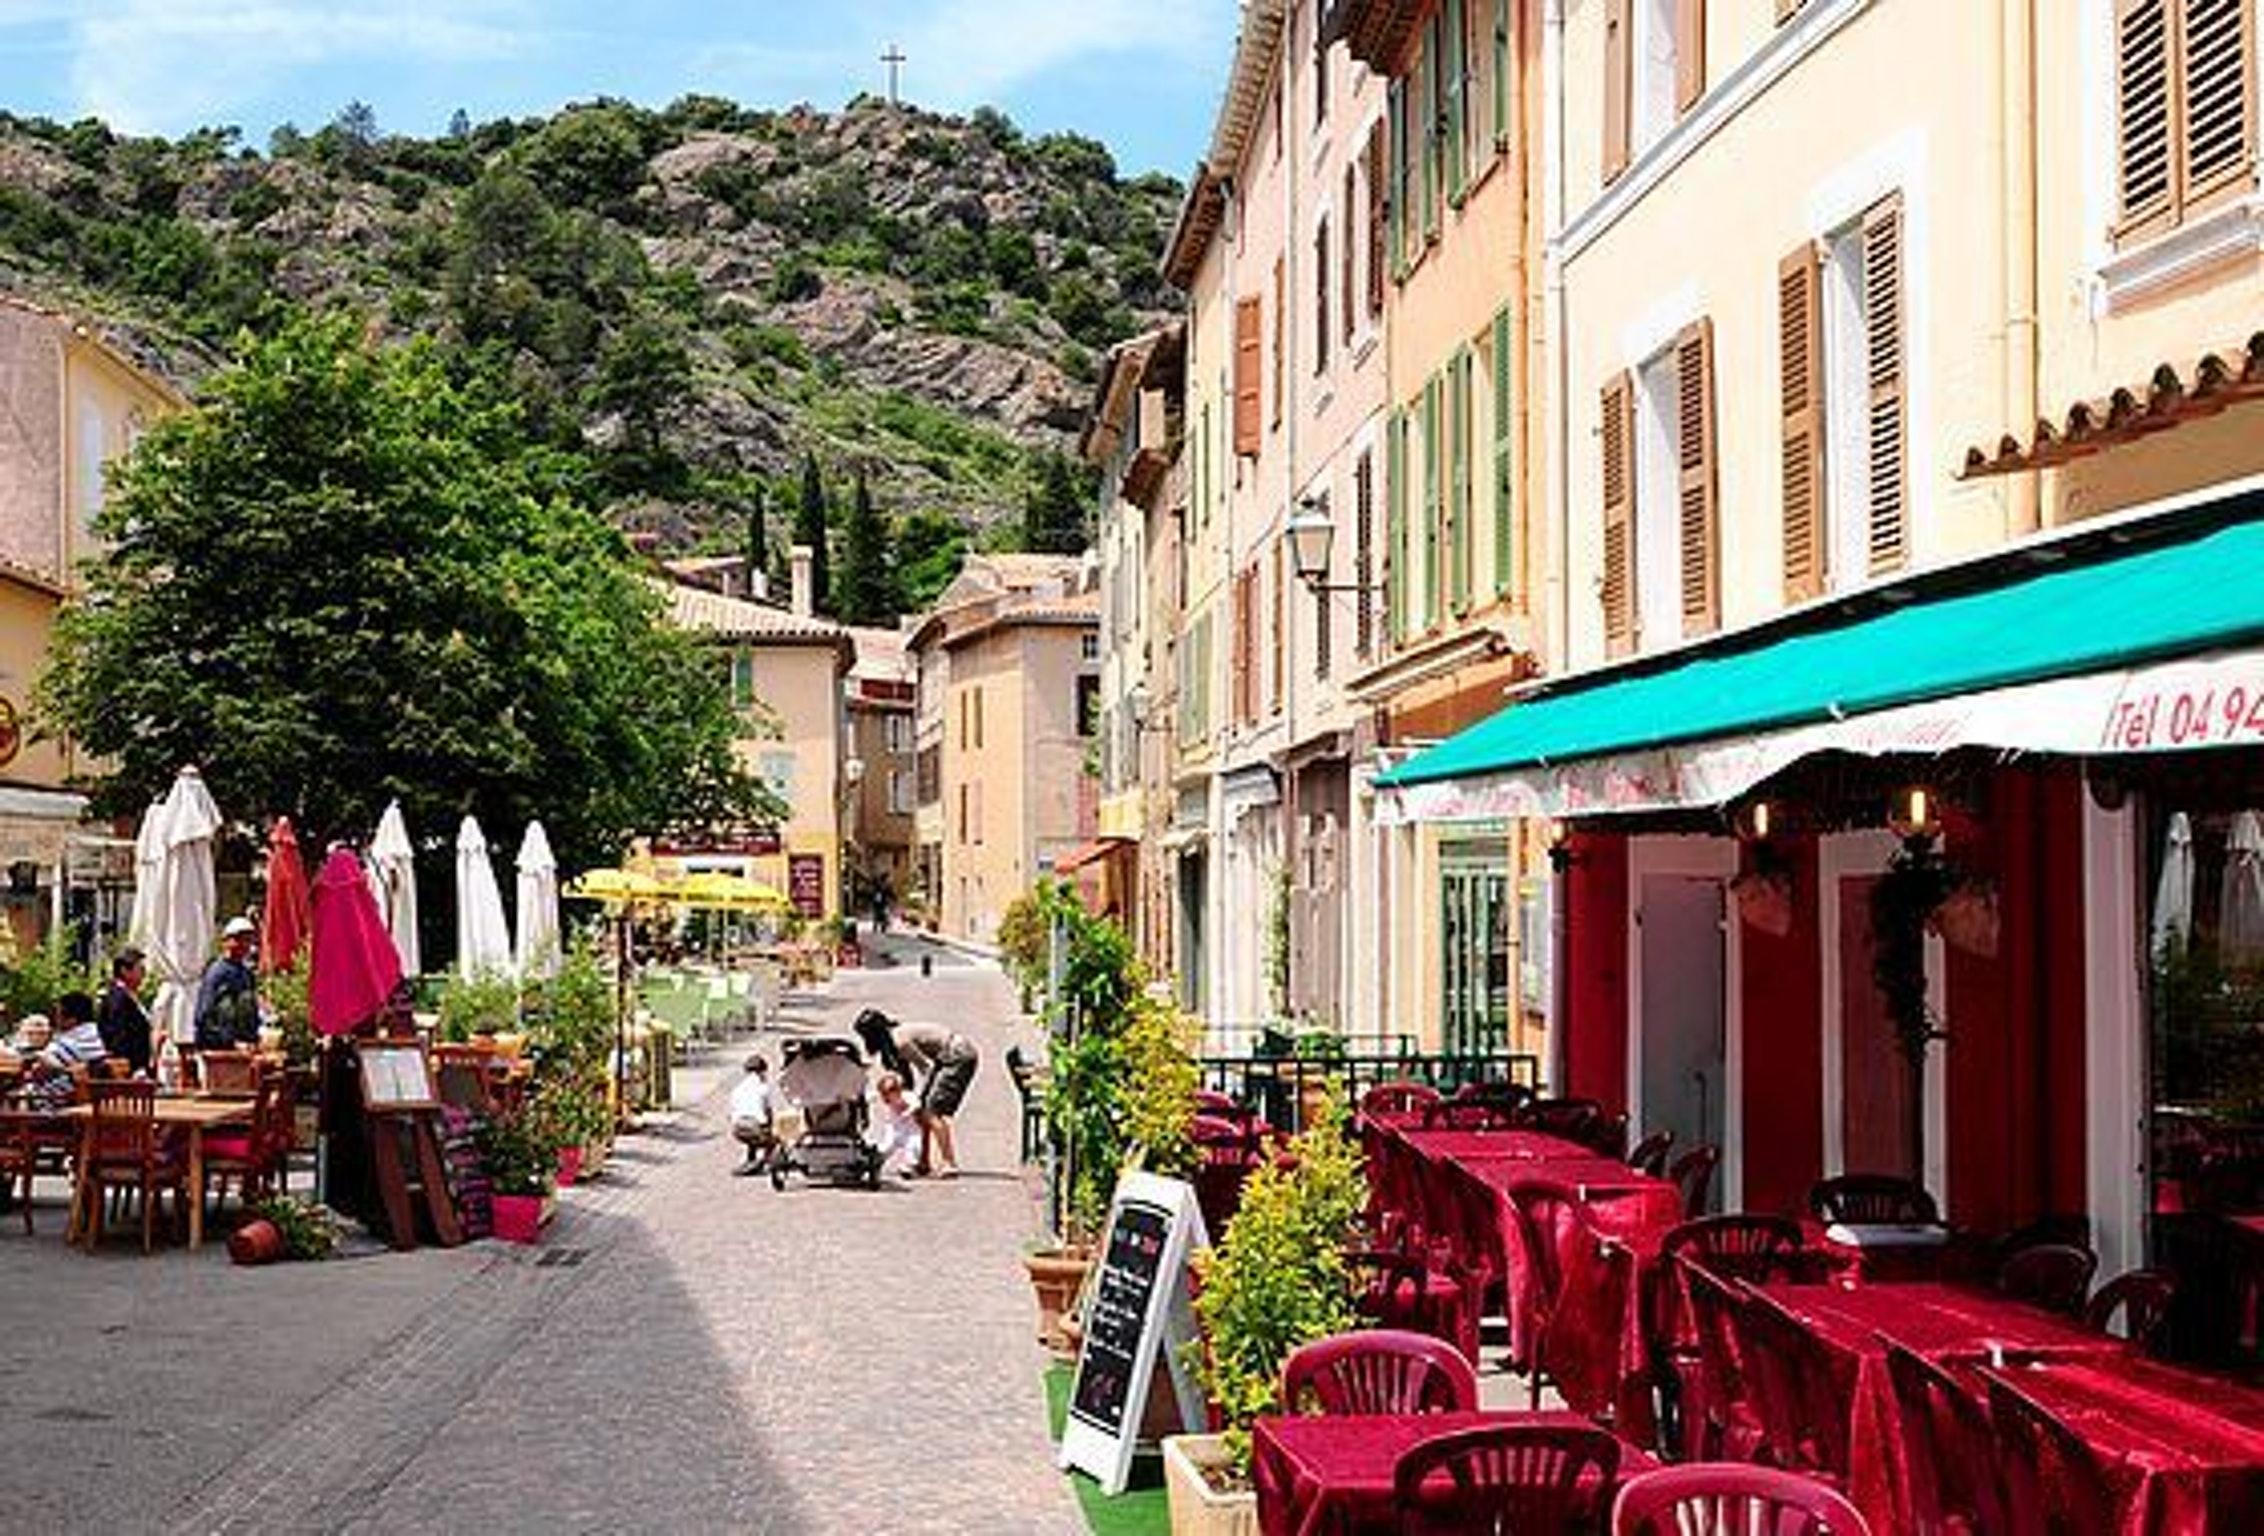 Maison de vacances Immobilie mit 2 Schlafzimmern in La Garde-Freinet mit toller Aussicht auf die Berge und ei (2644811), La Garde Freinet, Côte d'Azur, Provence - Alpes - Côte d'Azur, France, image 10